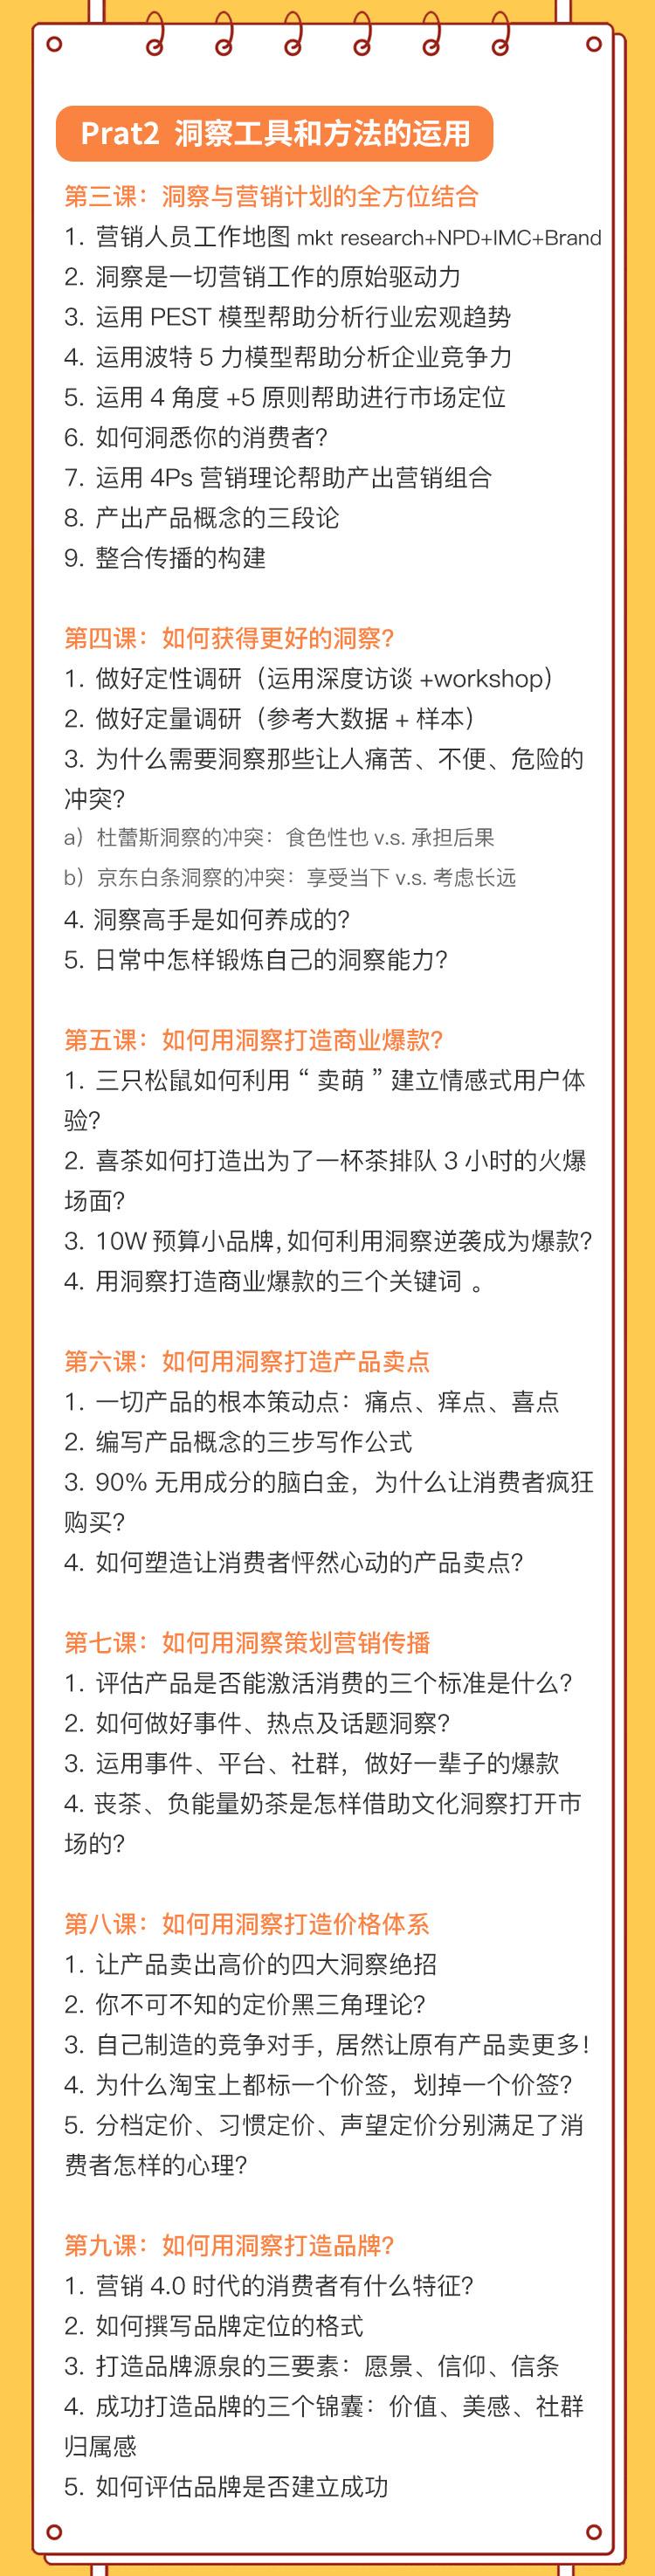 http://mtedu-img.oss-cn-beijing-internal.aliyuncs.com/ueditor/20180227175059_441213.jpg